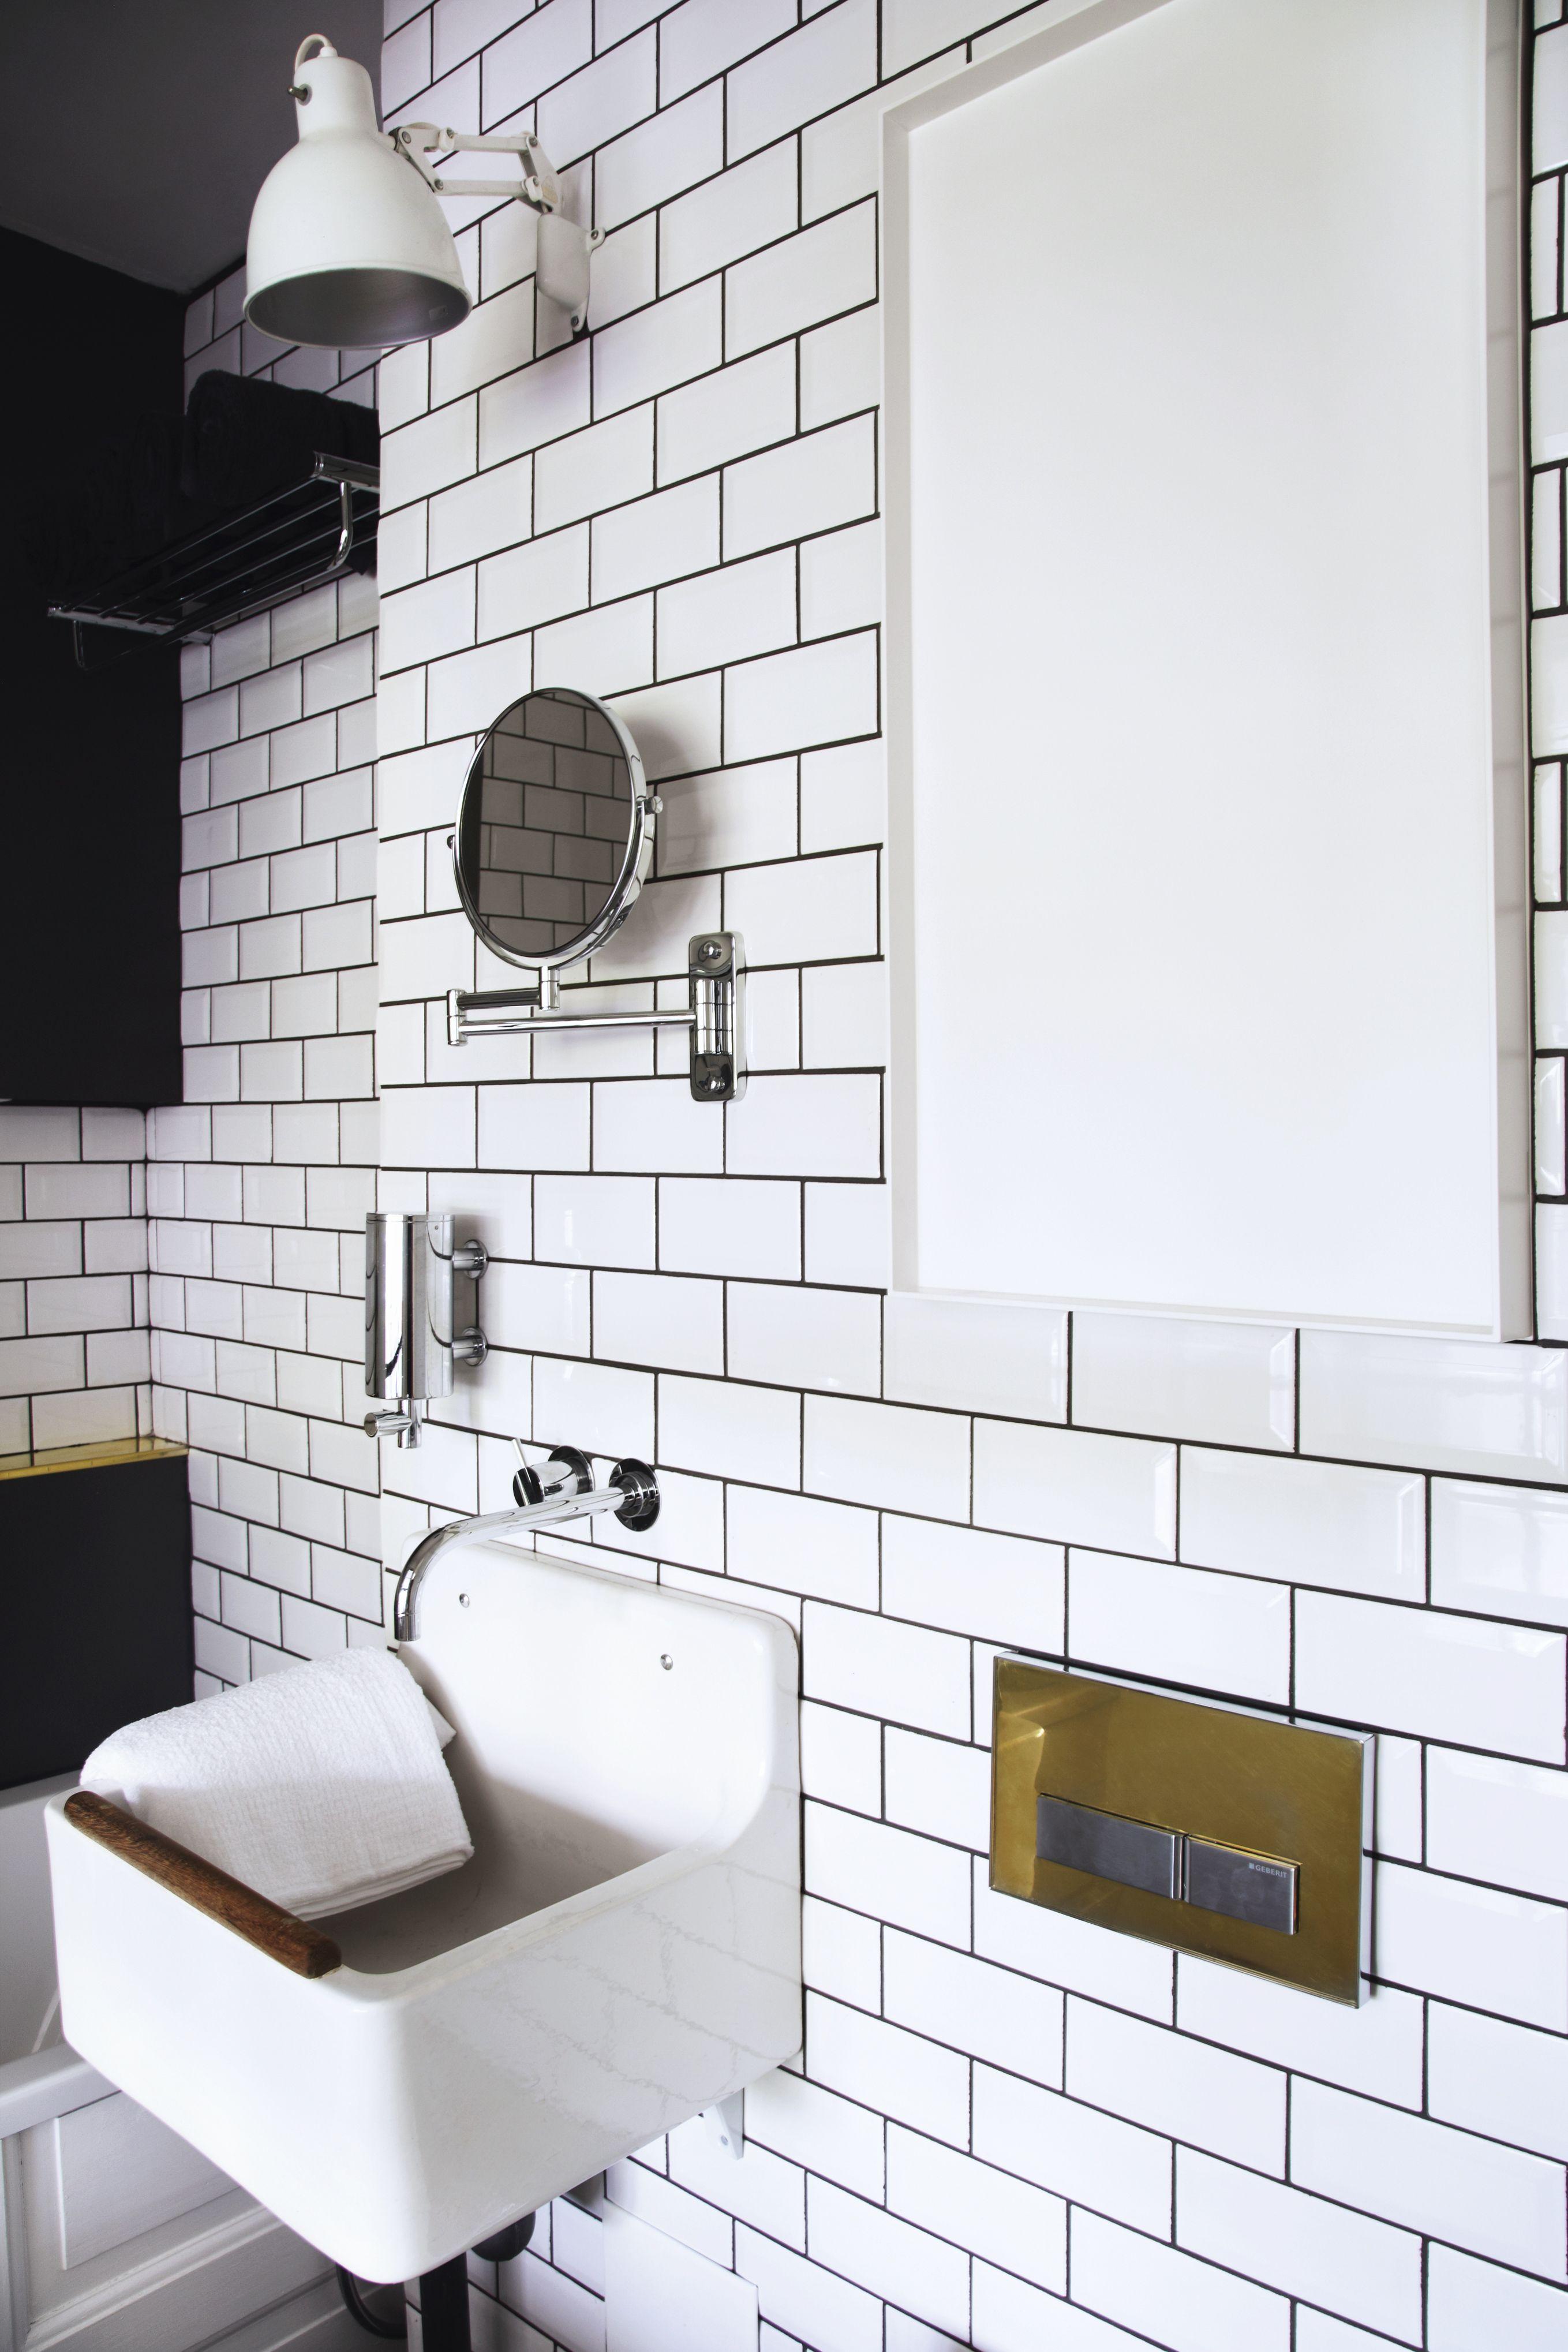 S/H bad i Newyorker-style | Vægge og gulve | Badeværelse, Badeværelse renovering, Badeværelse fliser